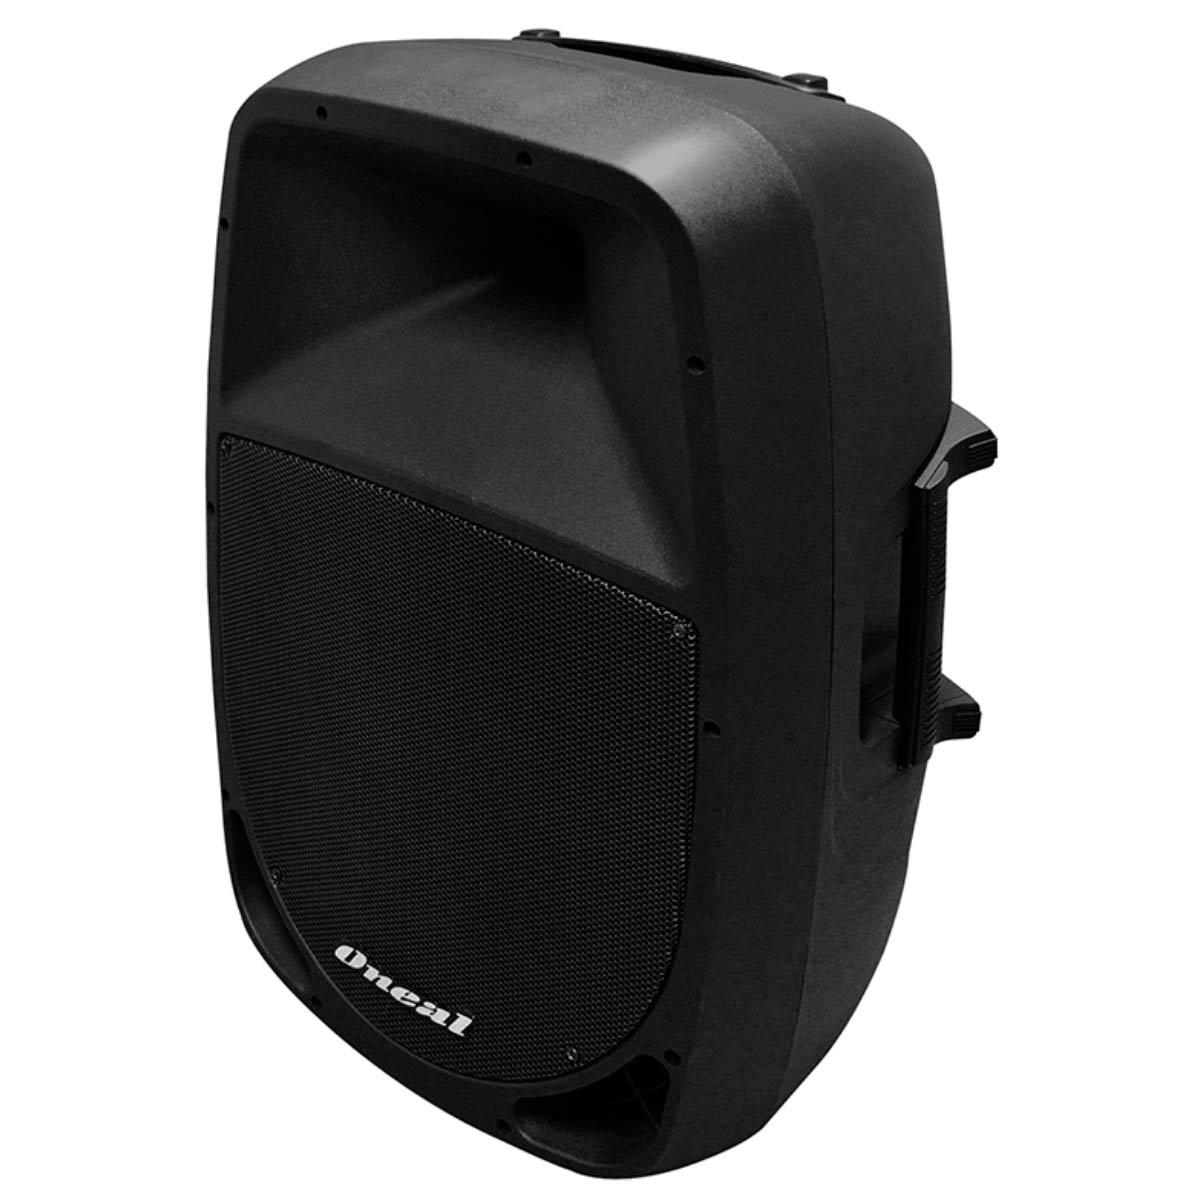 Caixa Ativa 200W c/ Bluetooth e USB OPB 1112BT - Oneal